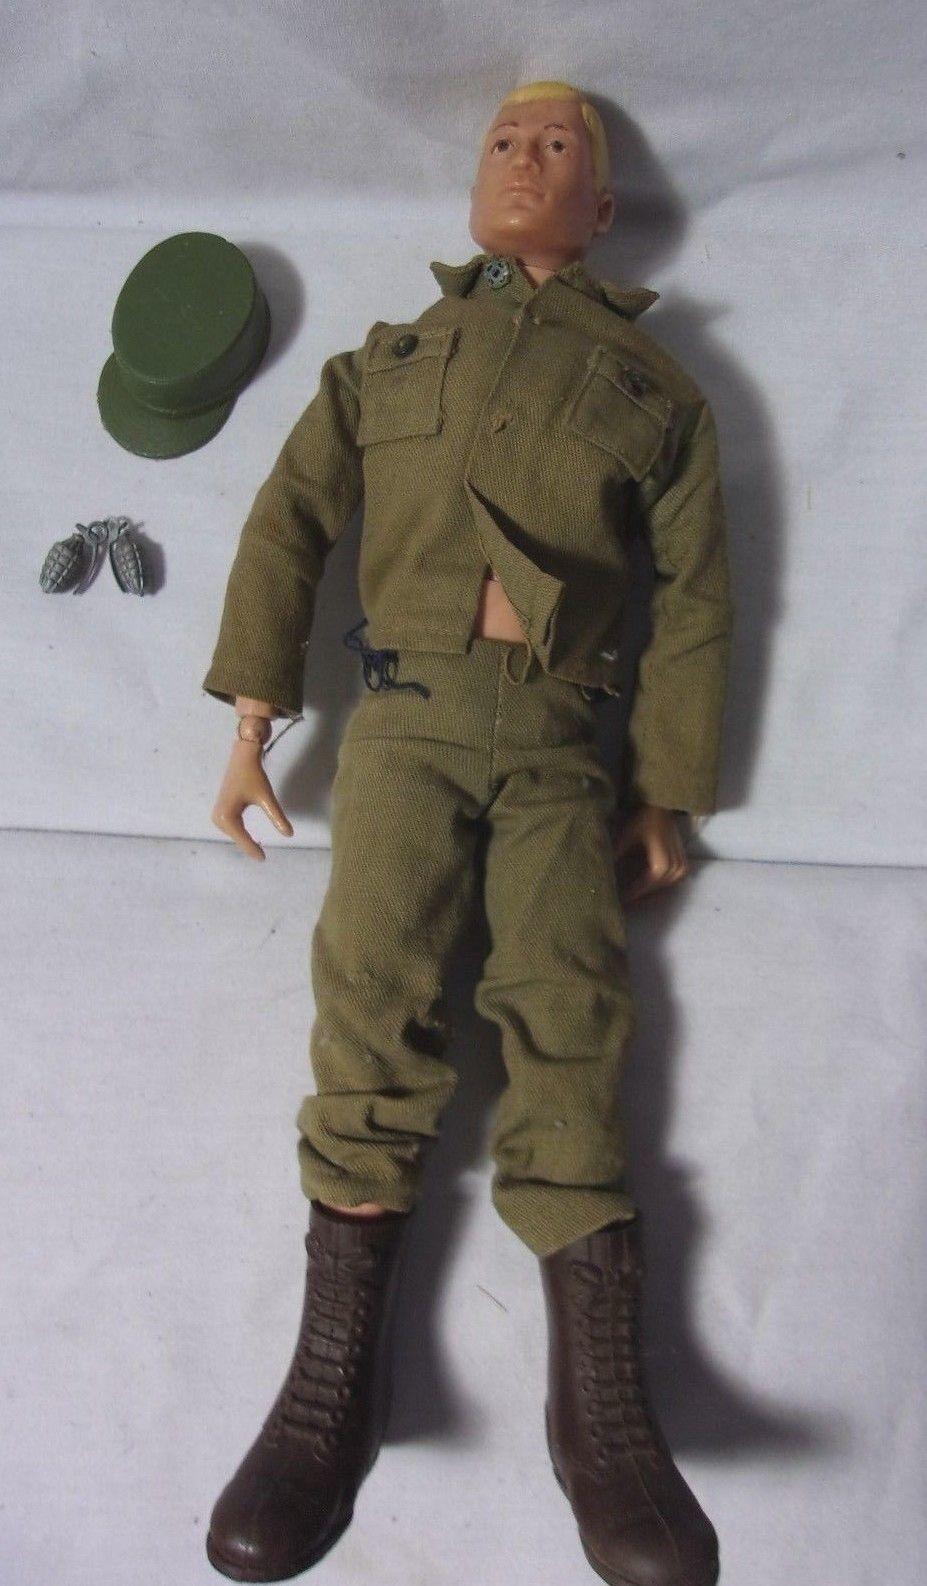 Vintage G.i. Joe 12 Juguete Figura de acción rara rubia Soldado T